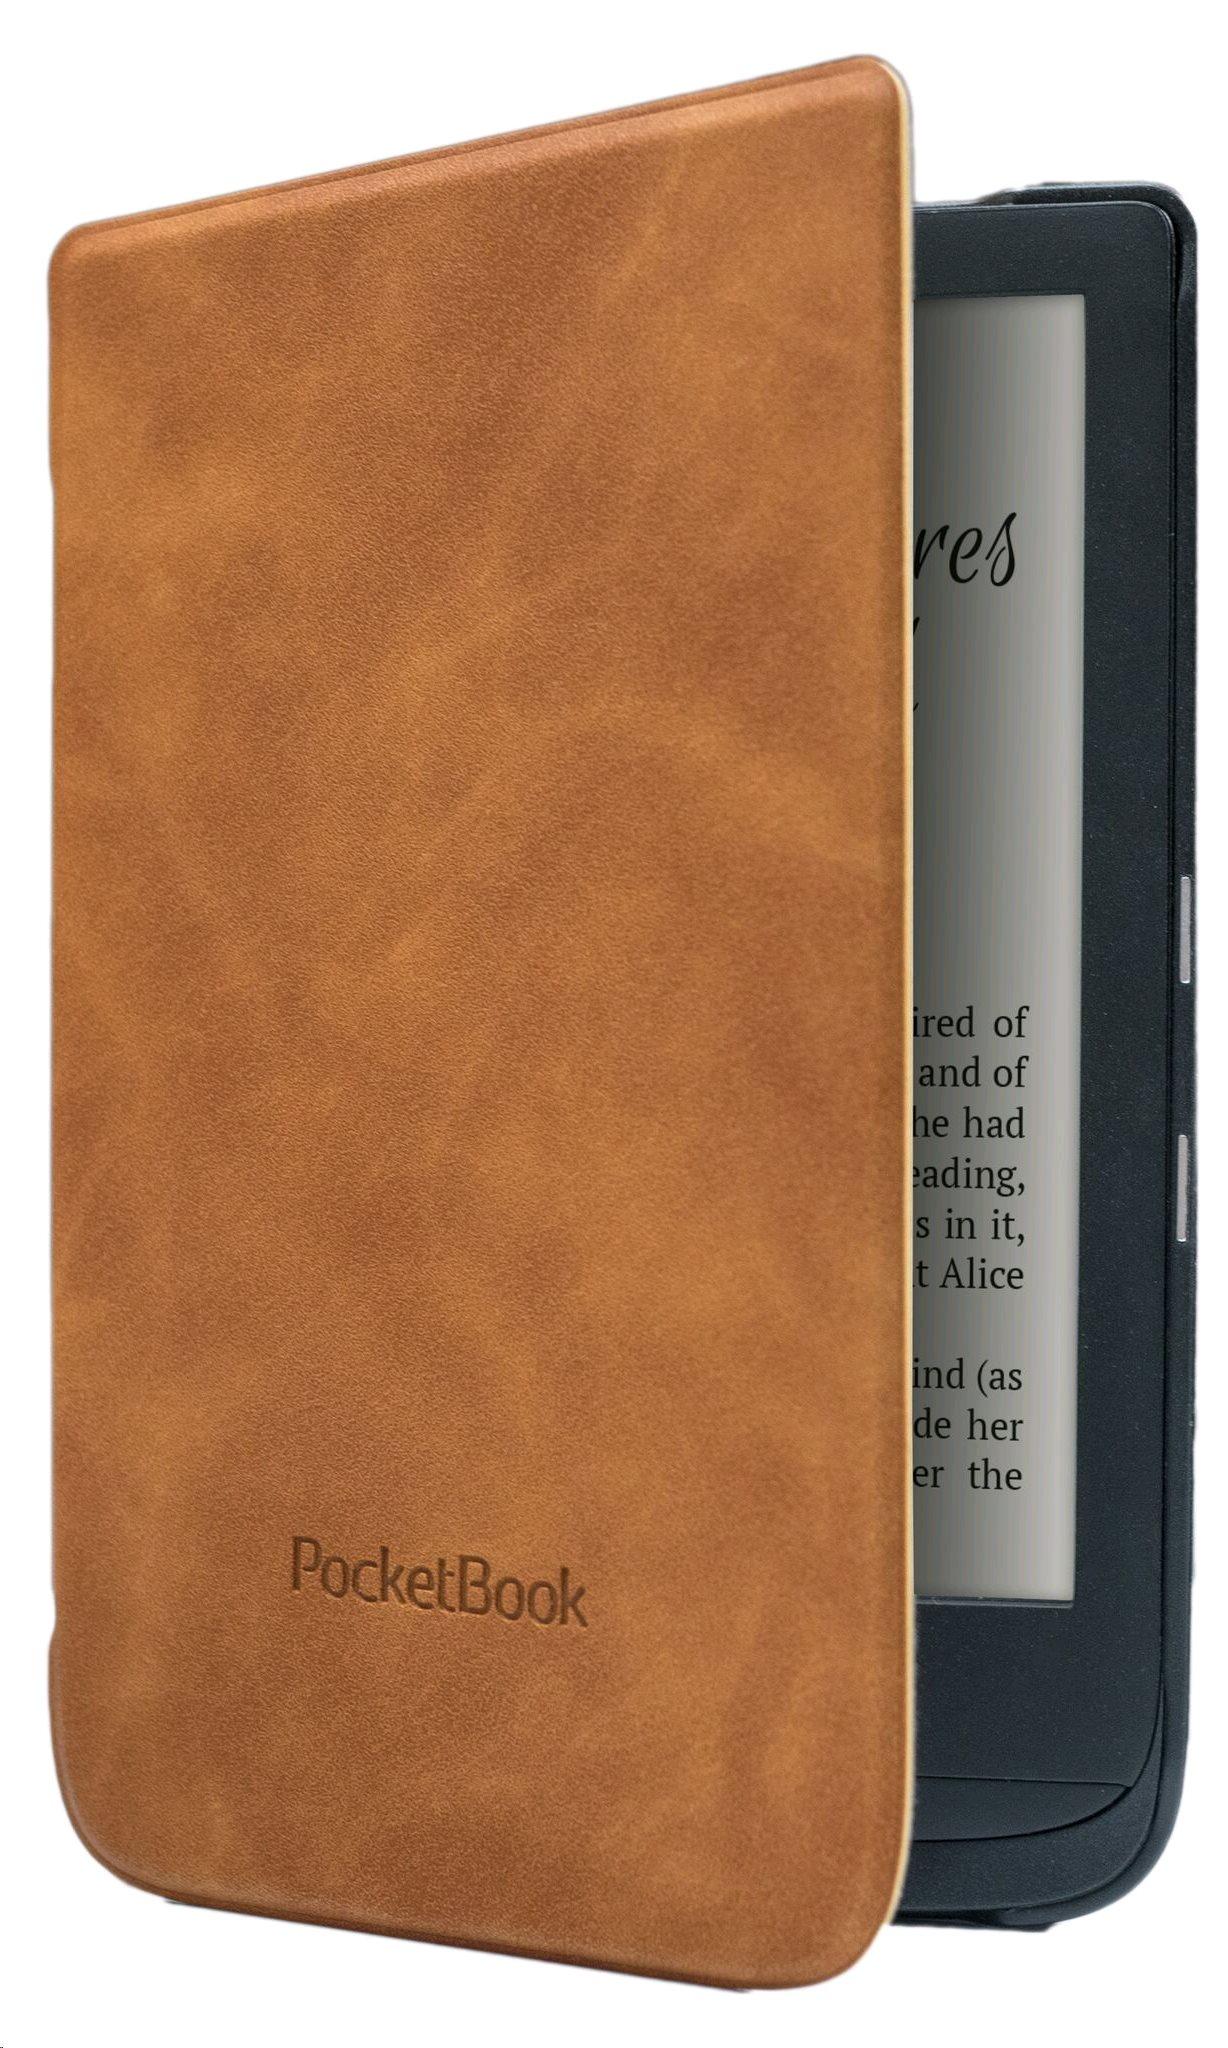 POCKETBOOK pouzdro pro 616/627/632, hnědé